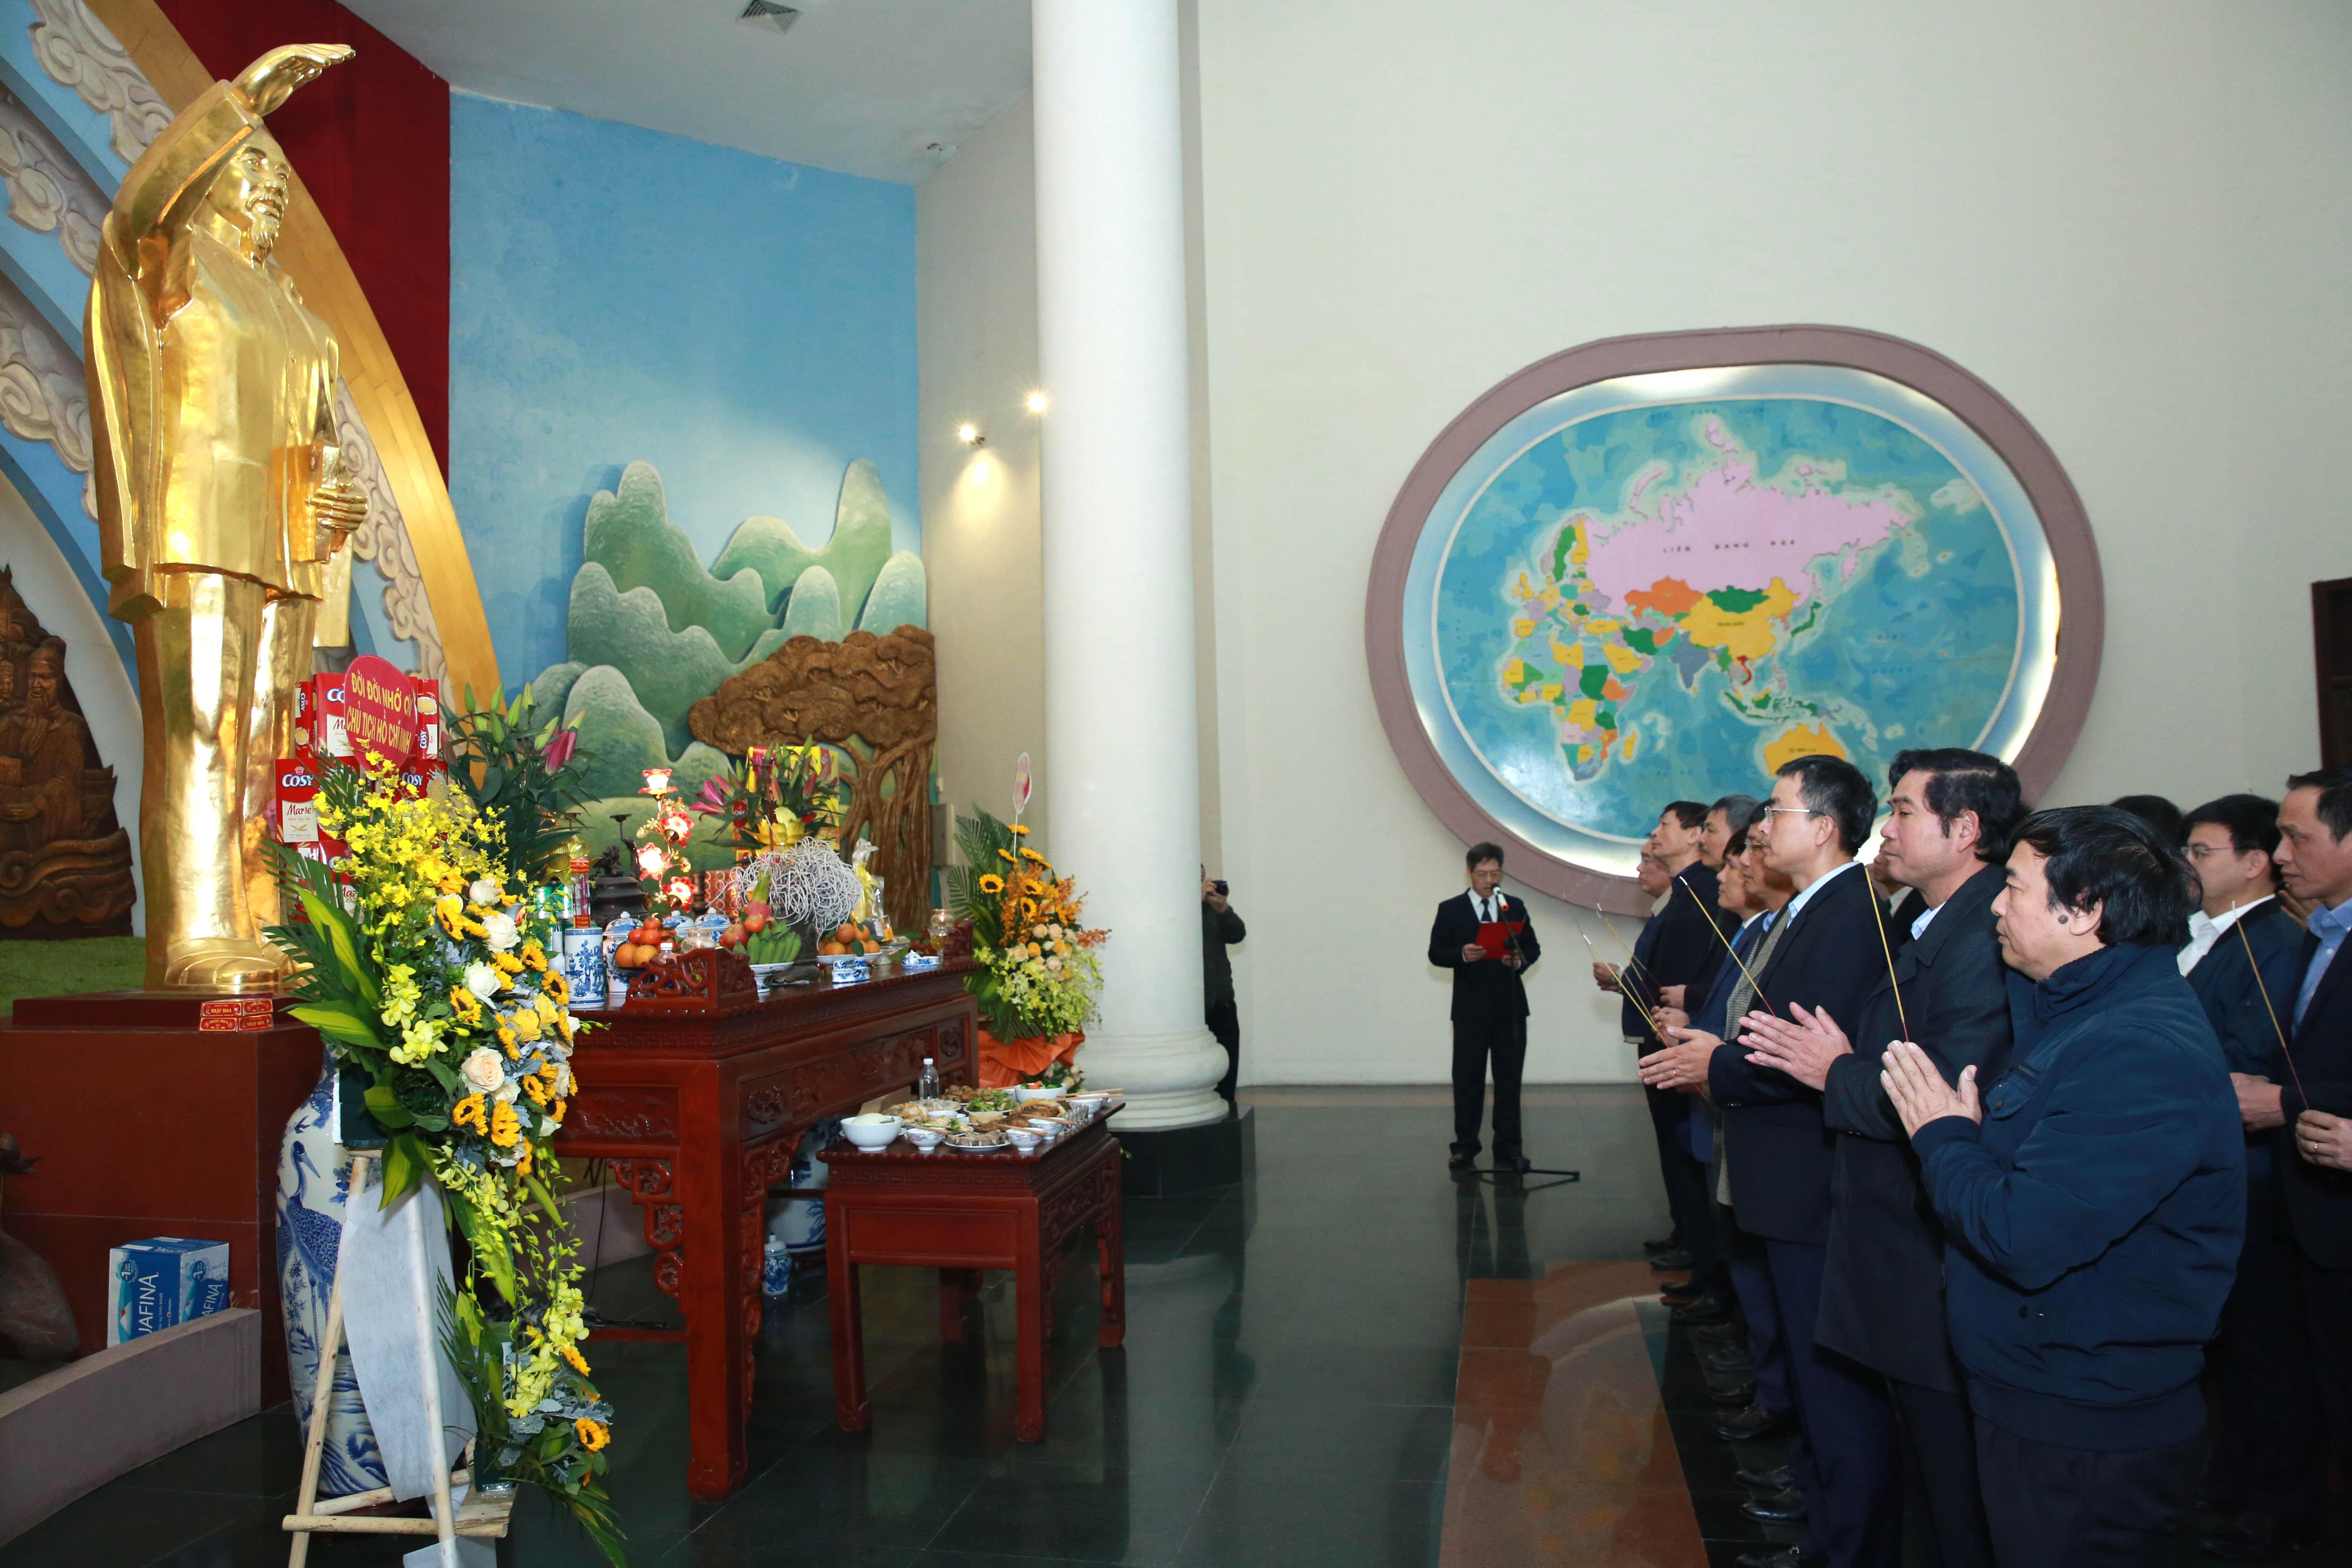 Lãnh đạo ngành Hàng không dâng hương tưởng niệm Chủ tịch Hồ Chí Minh nhân kỉ niệm 65 năm Ngày thành lập Ngành Hàng không dân dụng Việt Nam